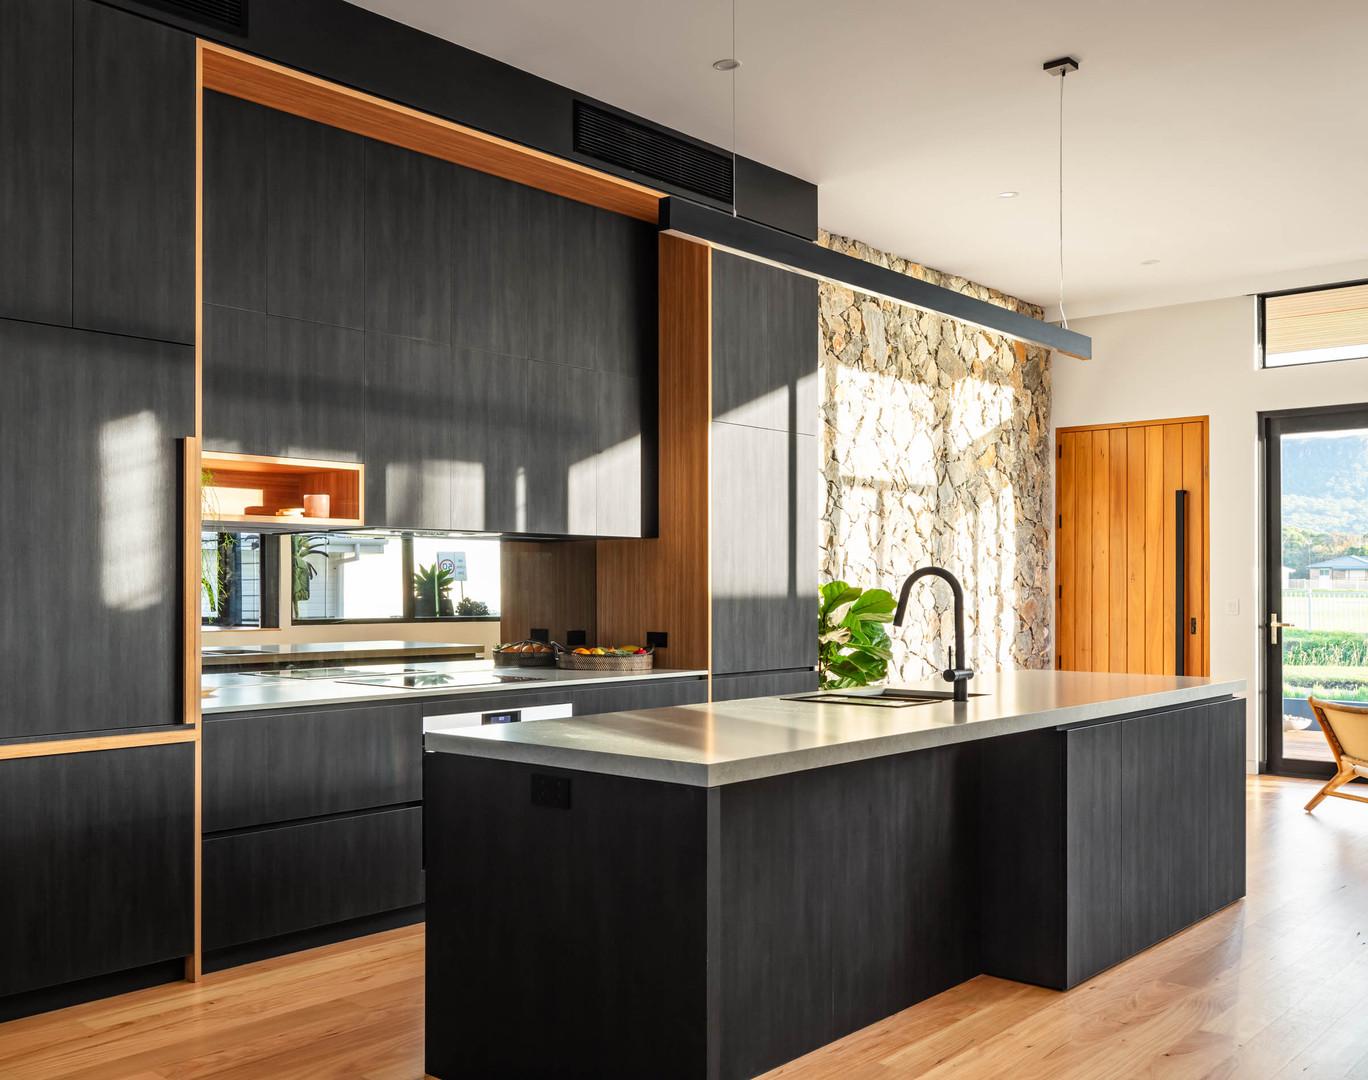 Ursula Rd Bulli, kitchen